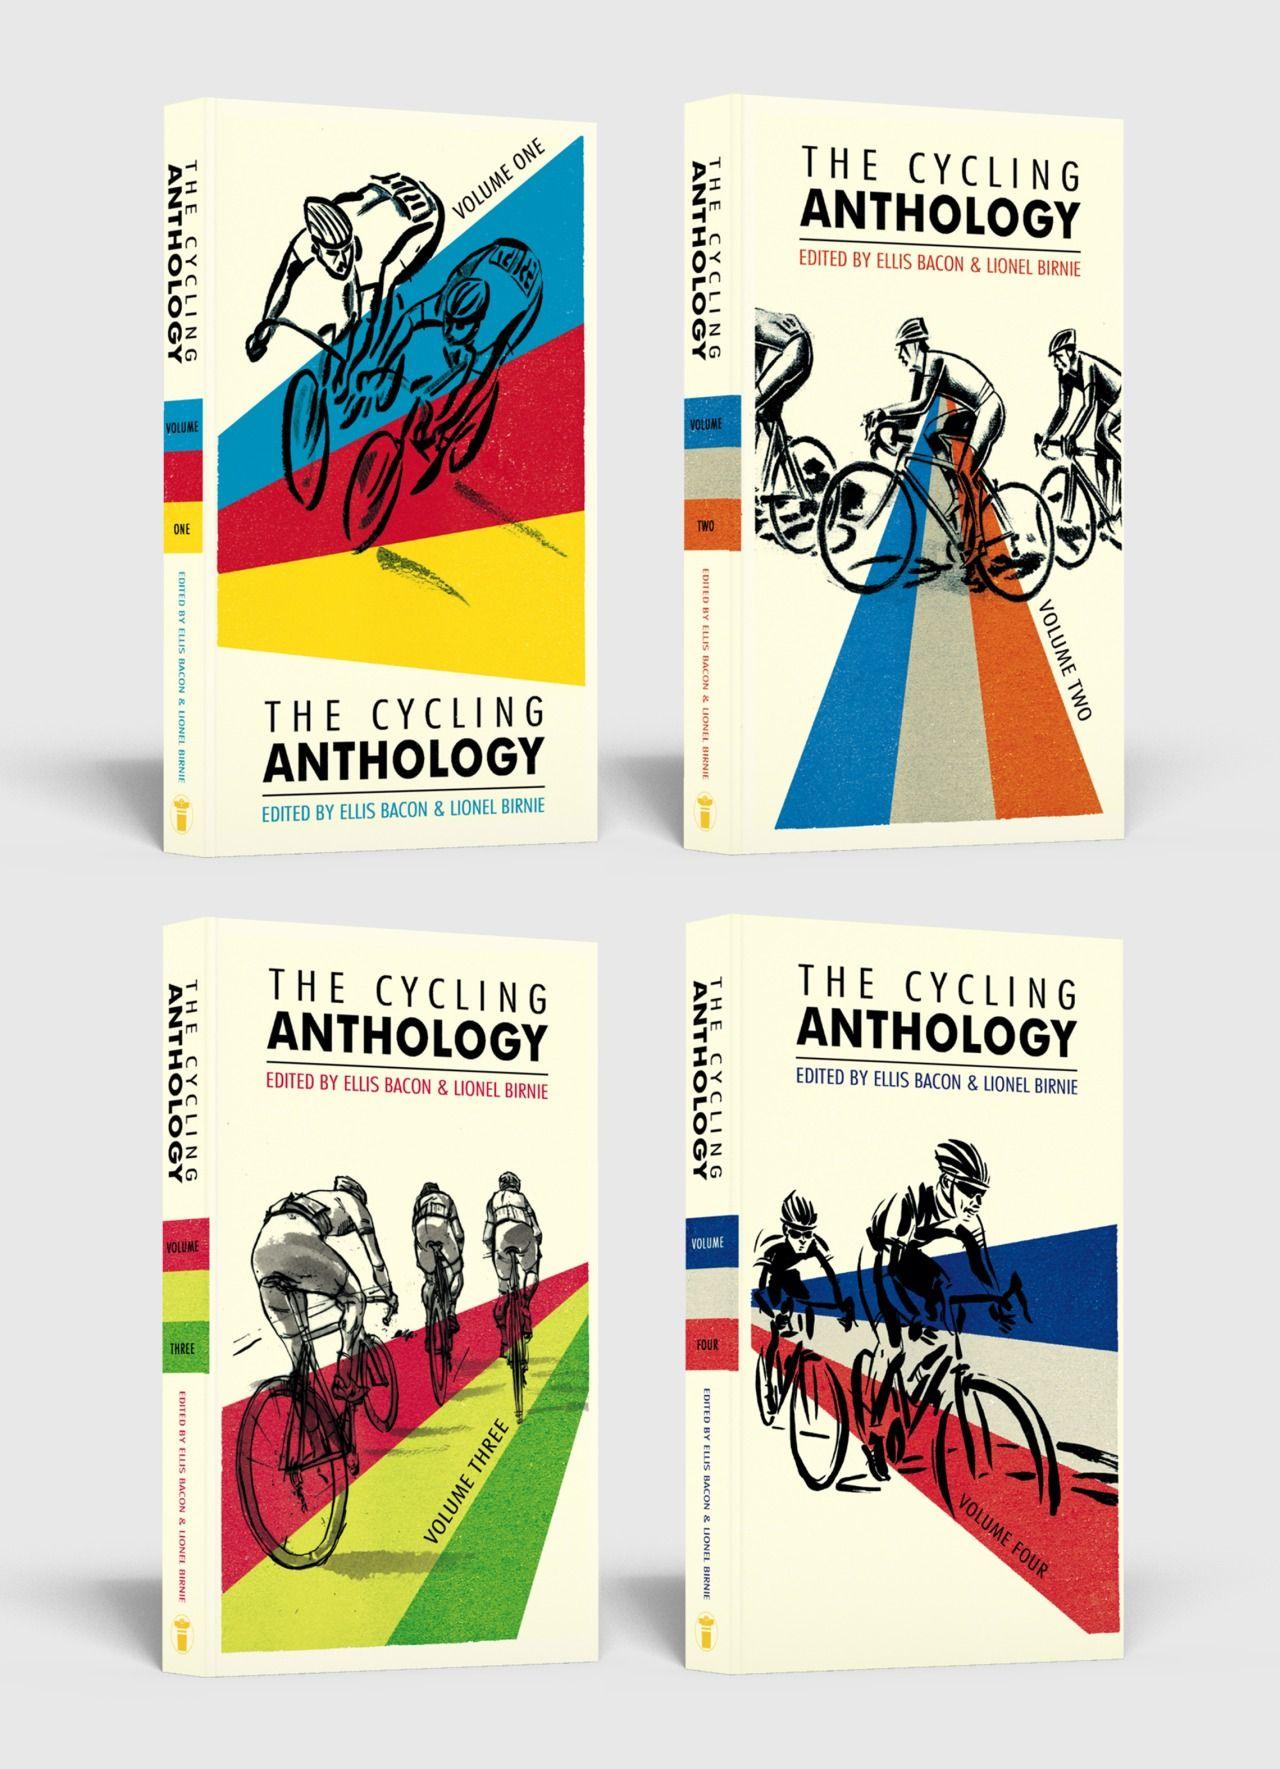 #book #covers #jackets #portadas #libros